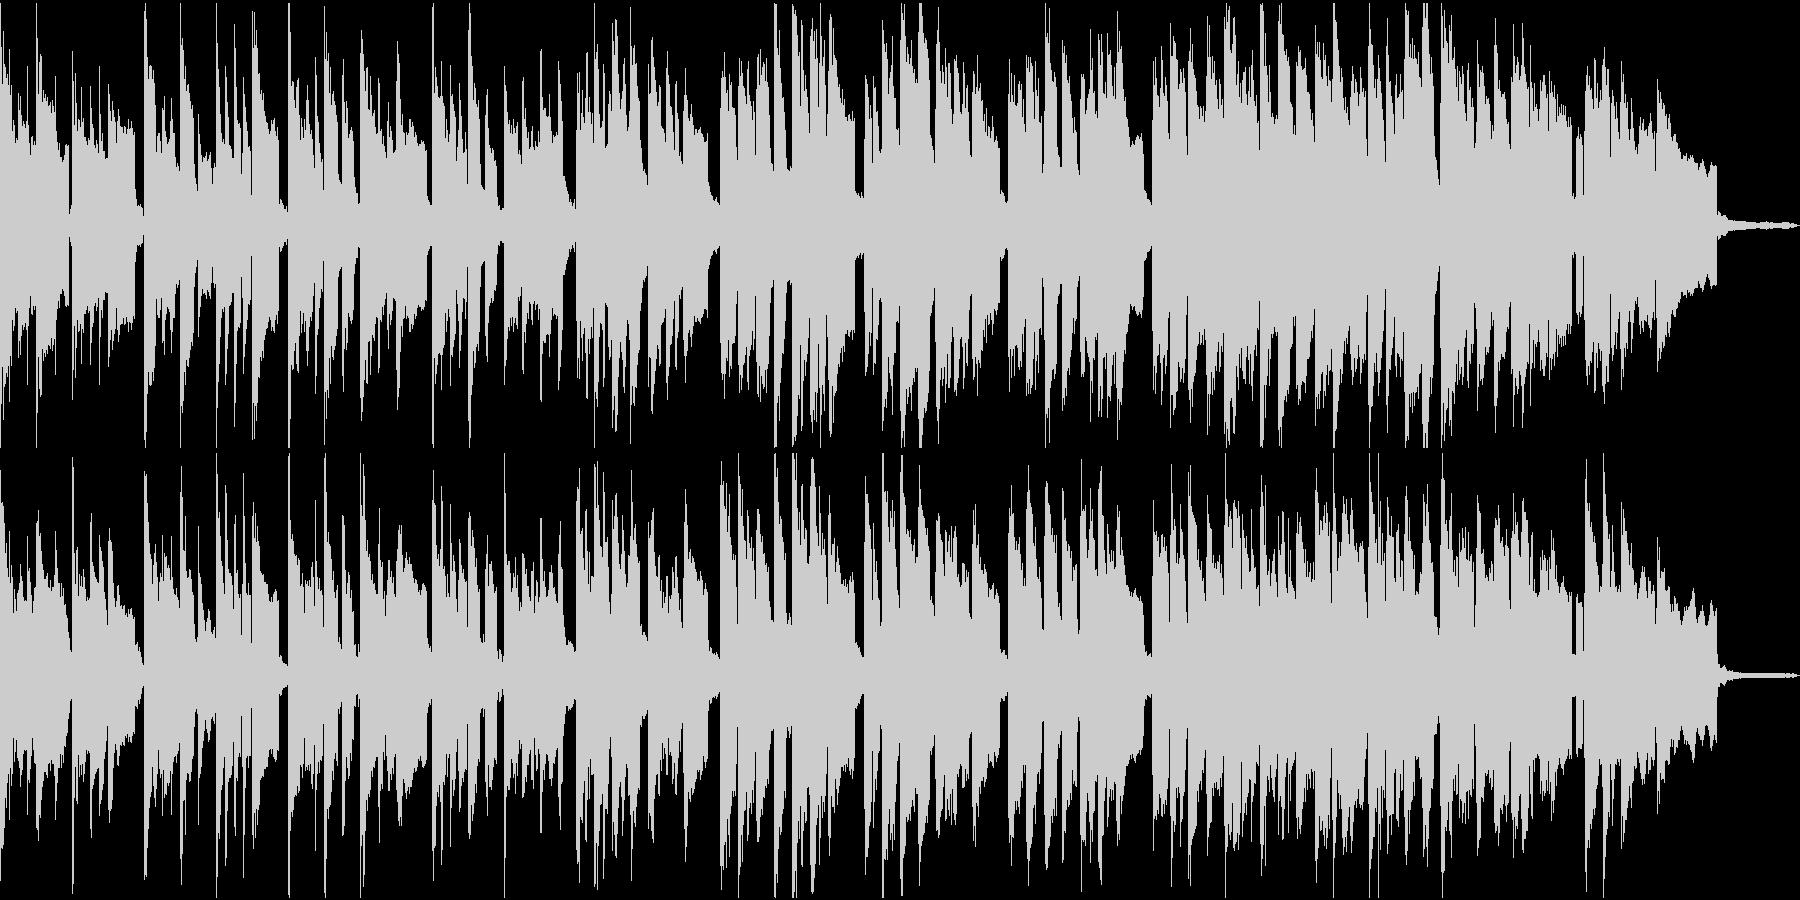 夏祭りにぴったしのほのぼの音楽の未再生の波形